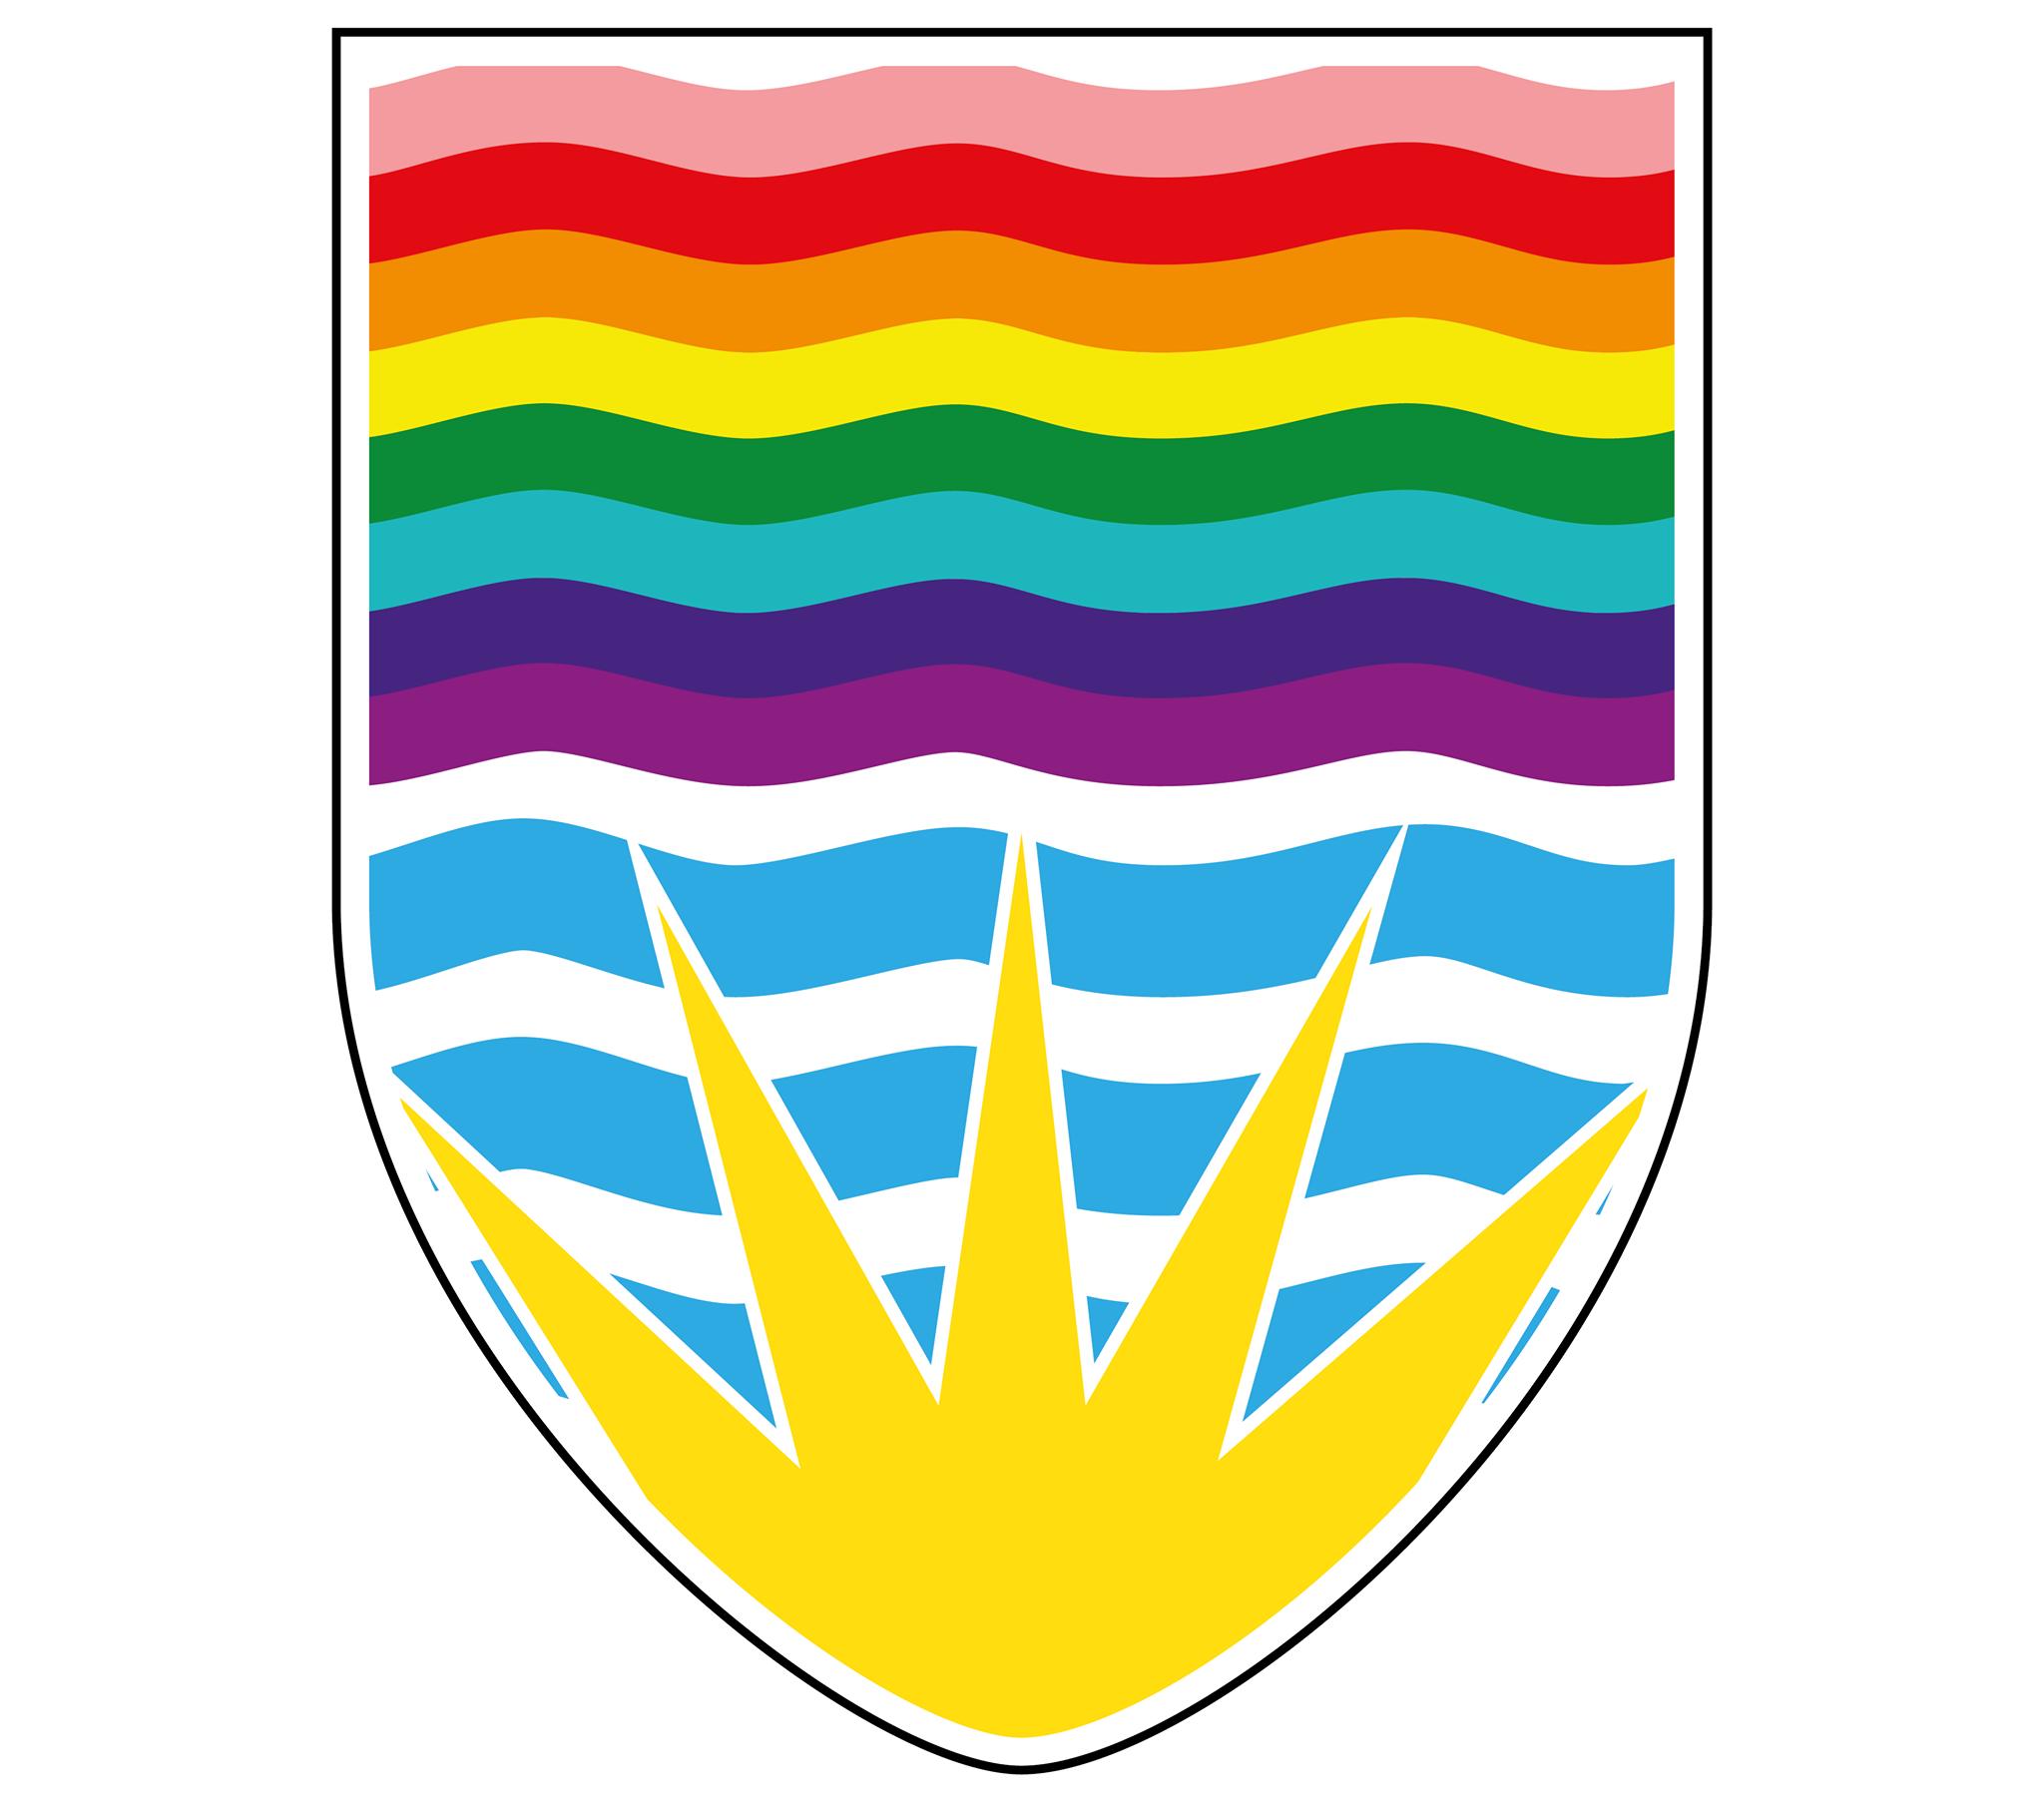 UBC Pride